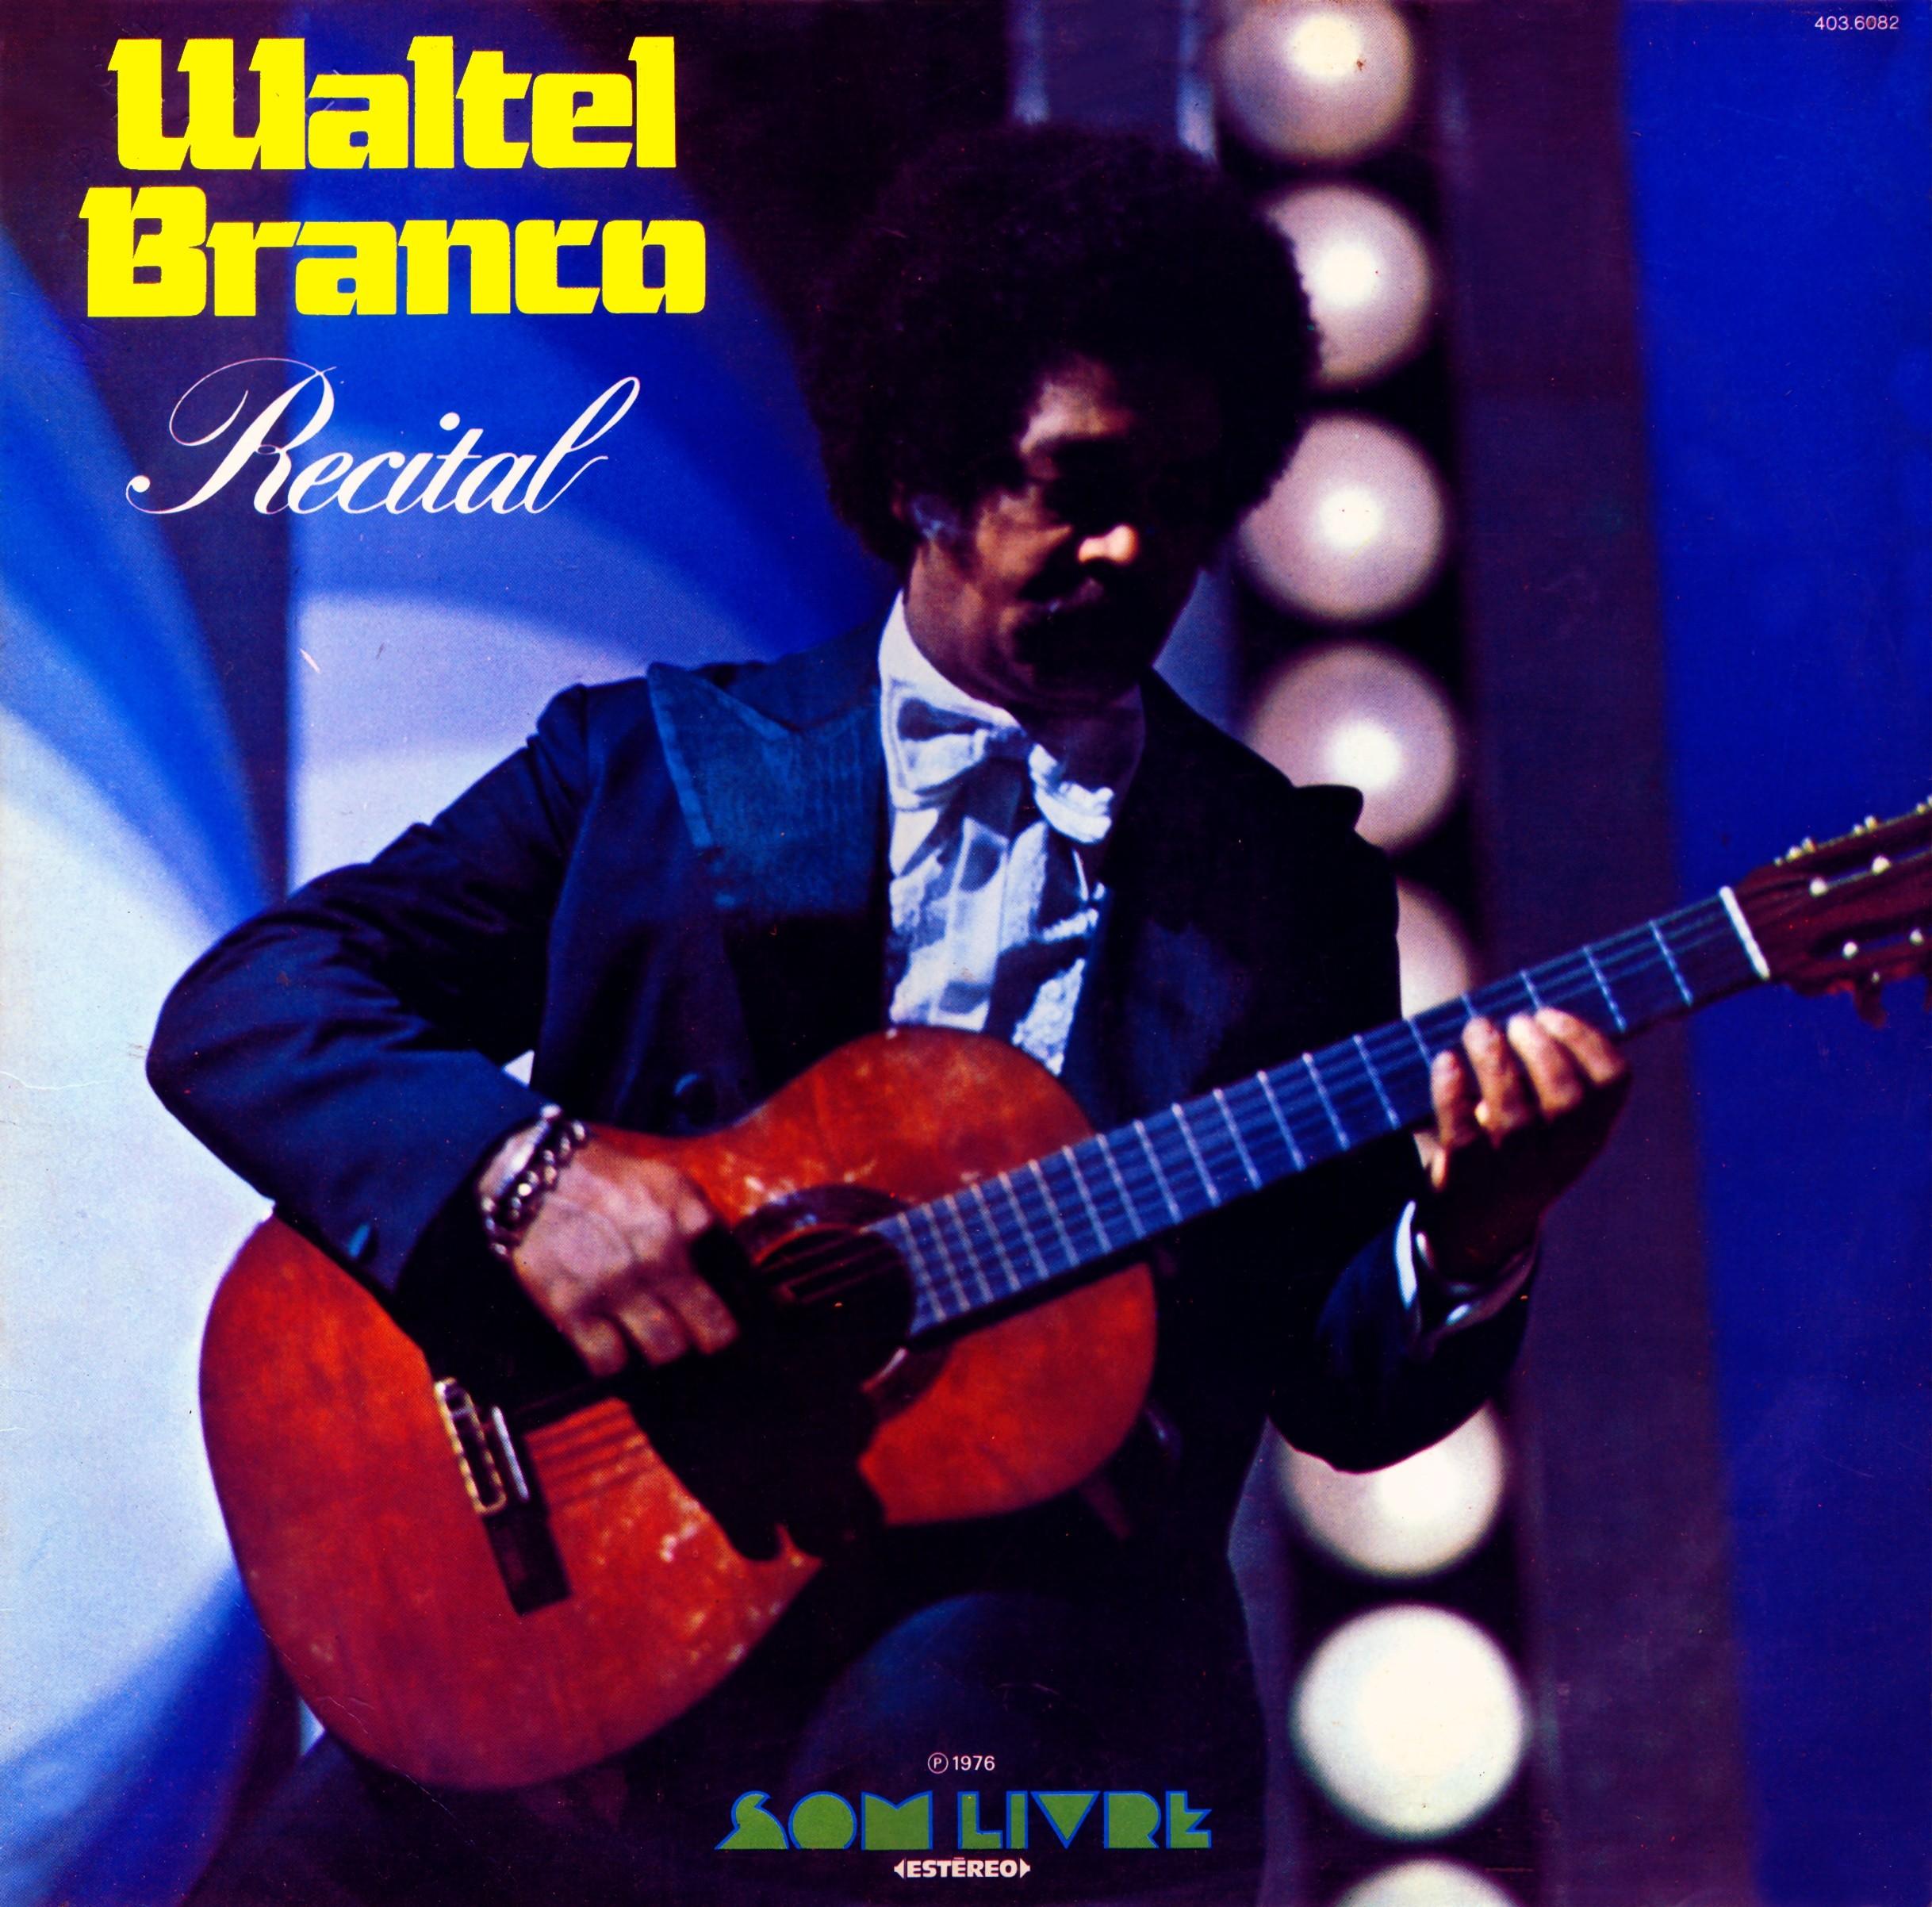 Waltel Blanco deixa, como arranjador, obra magistral de tons variados que foi muito além do rosa da 'Pantera' de Henry Mancini - Noticias